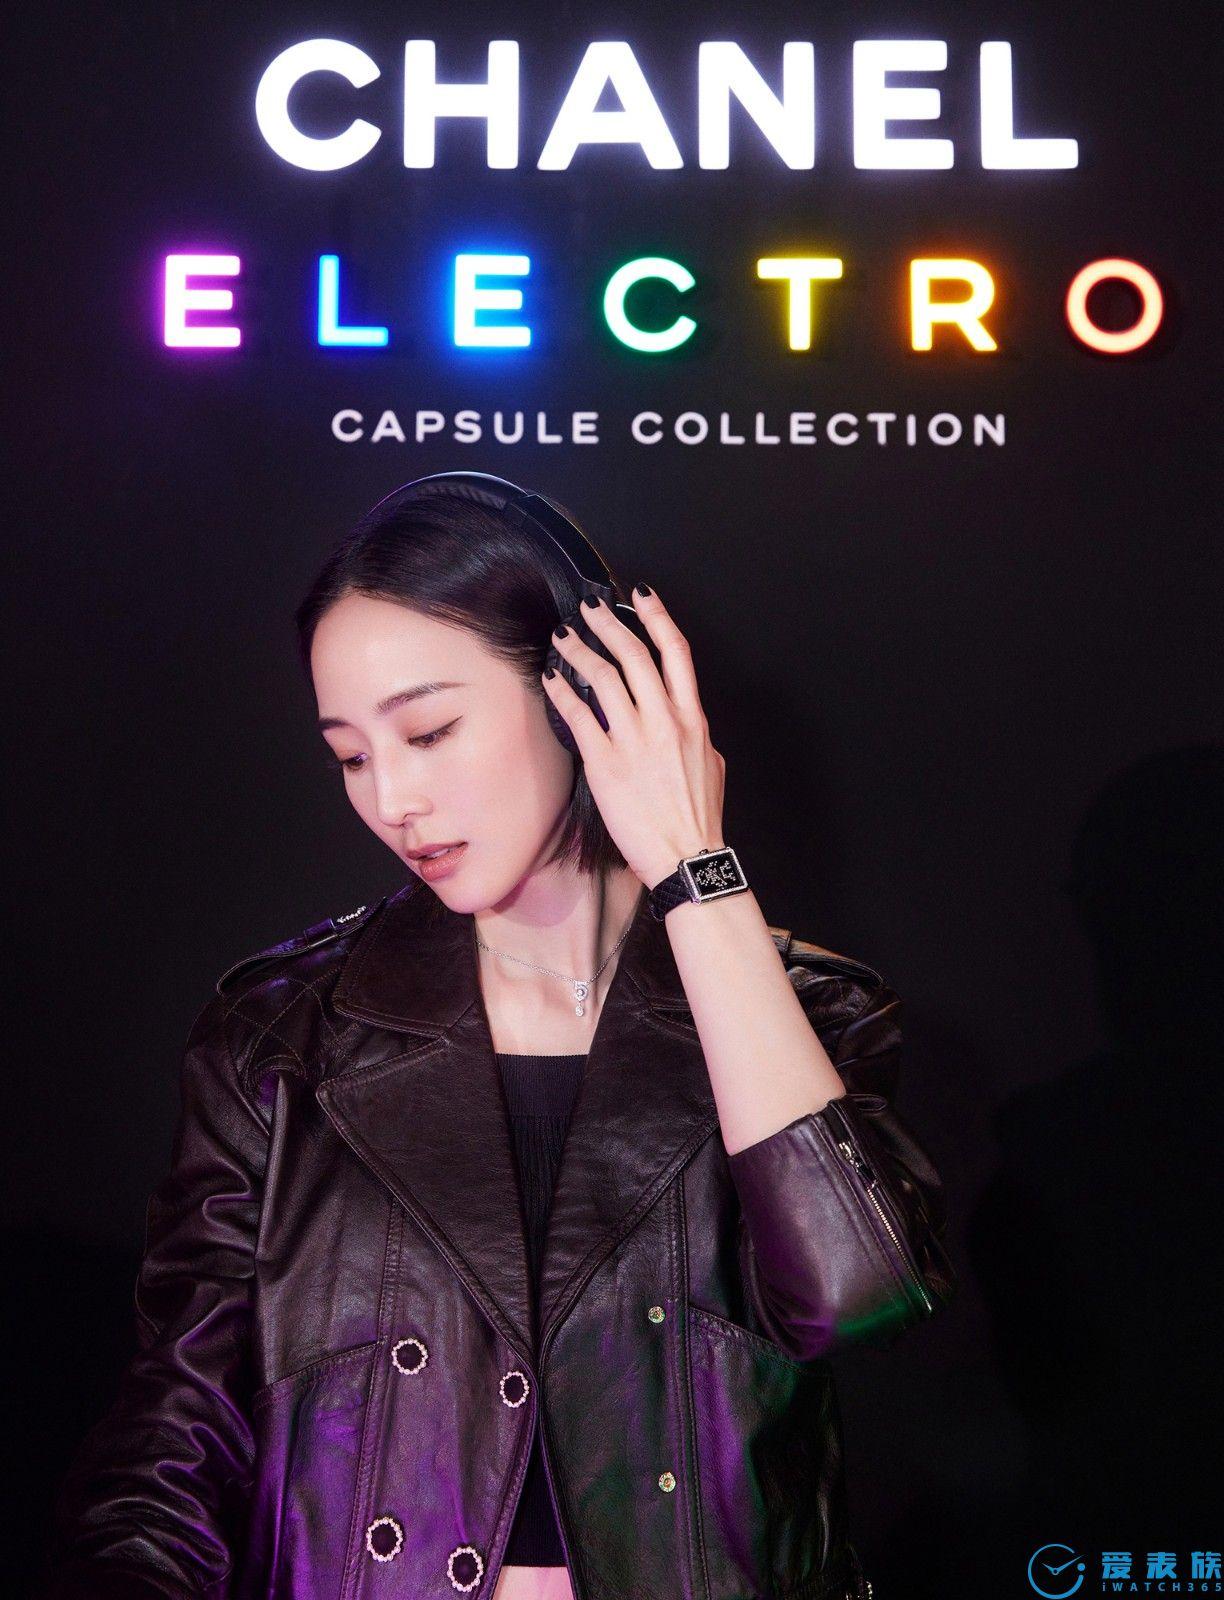 香奈儿品牌形象大使周迅等出席CHANEL ELECTRO腕表发布派对